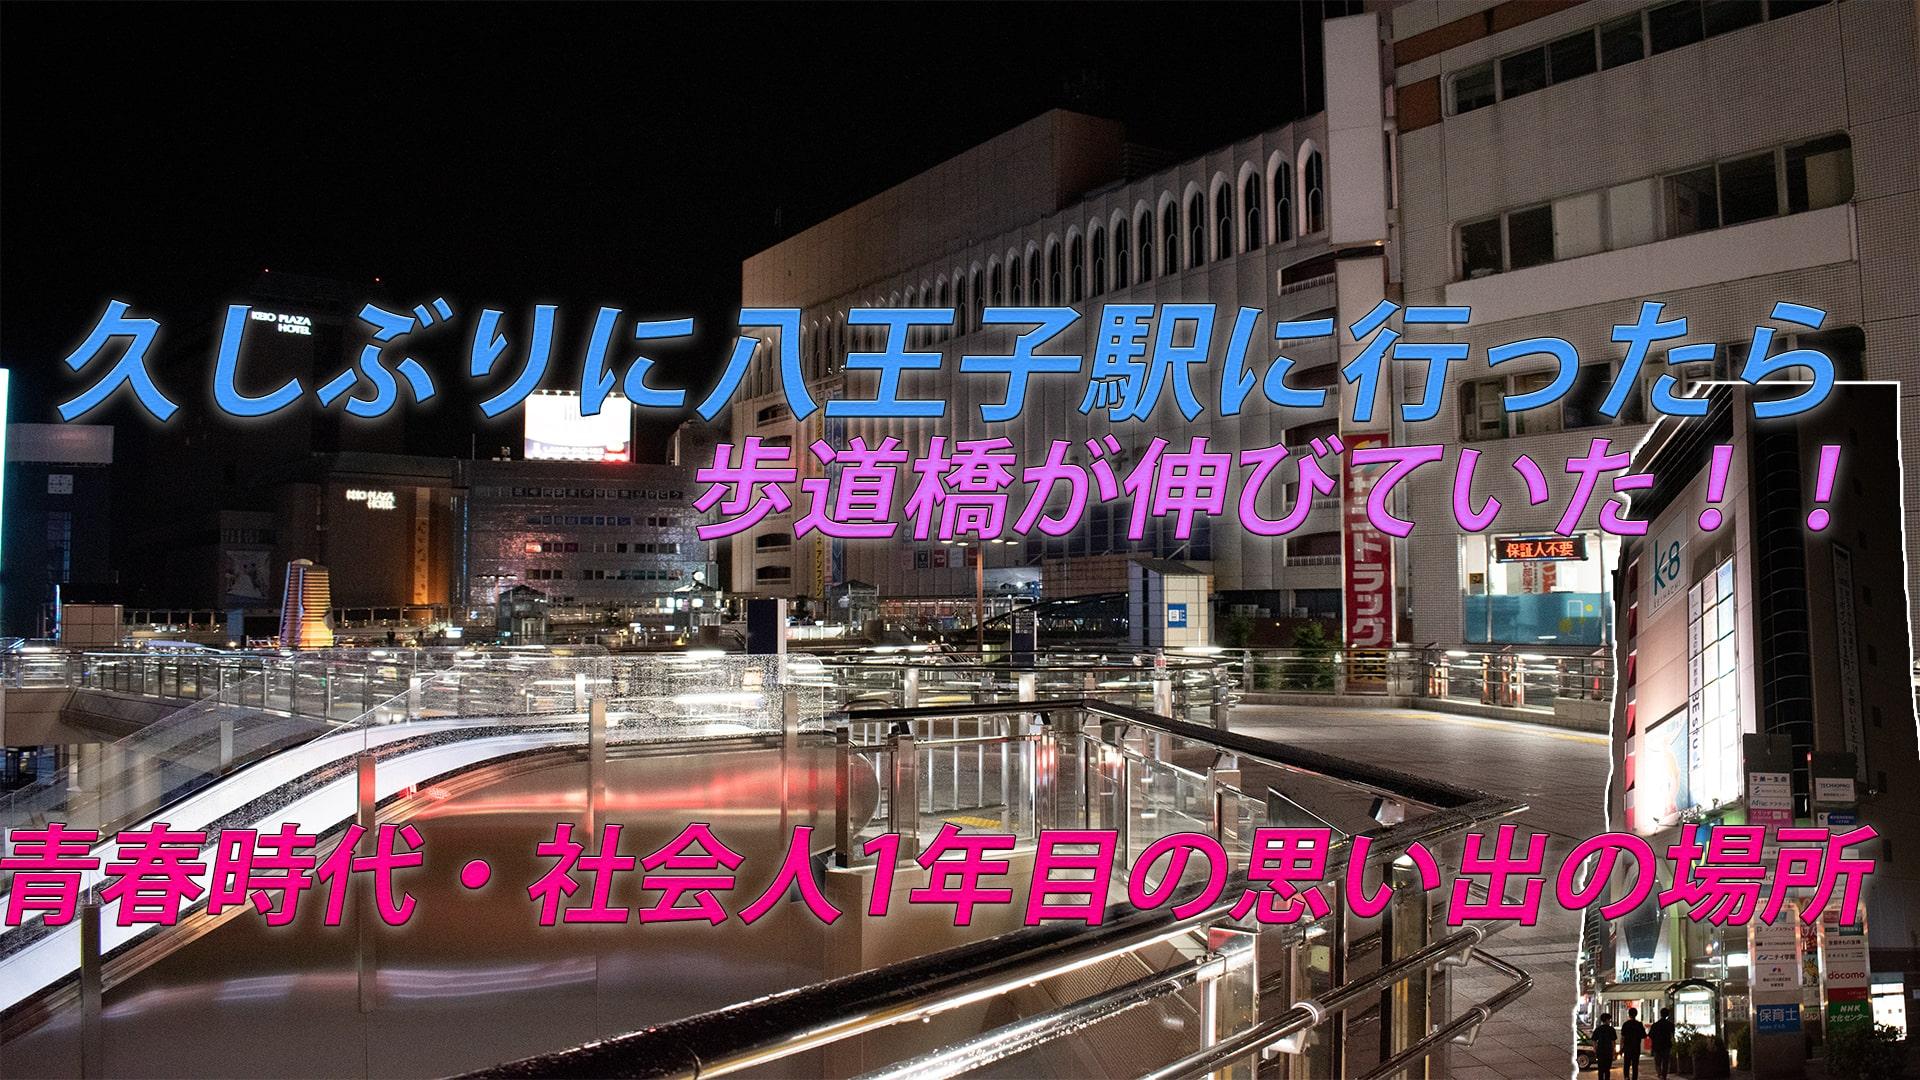 1年ぶりに八王子駅に行ったら変化が起きていた。八王子には色々な思い出がある。